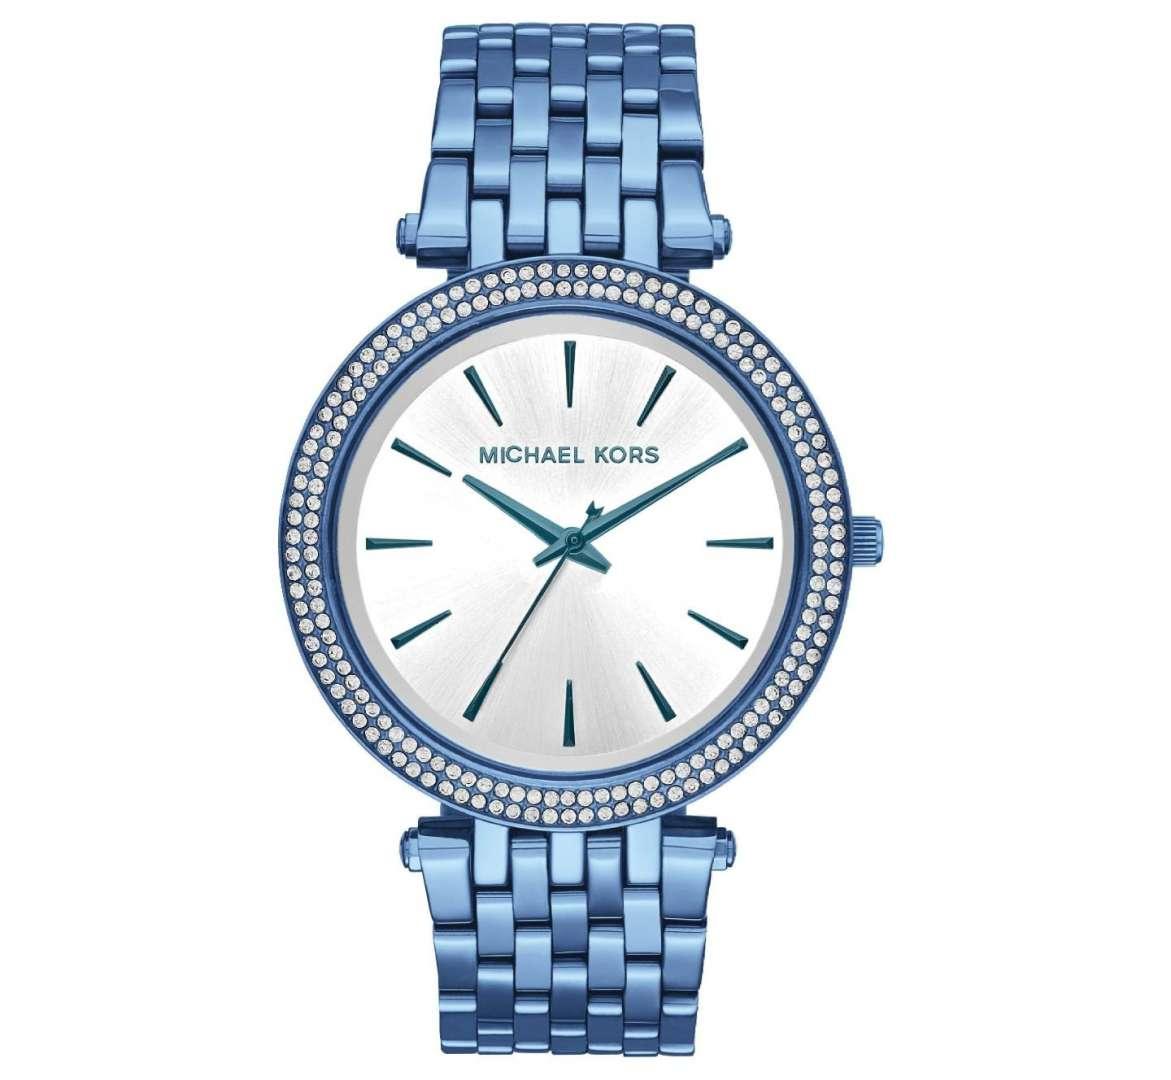 שעון יד אנלוגי לאישה michael kors mk3675 מייקל קורס